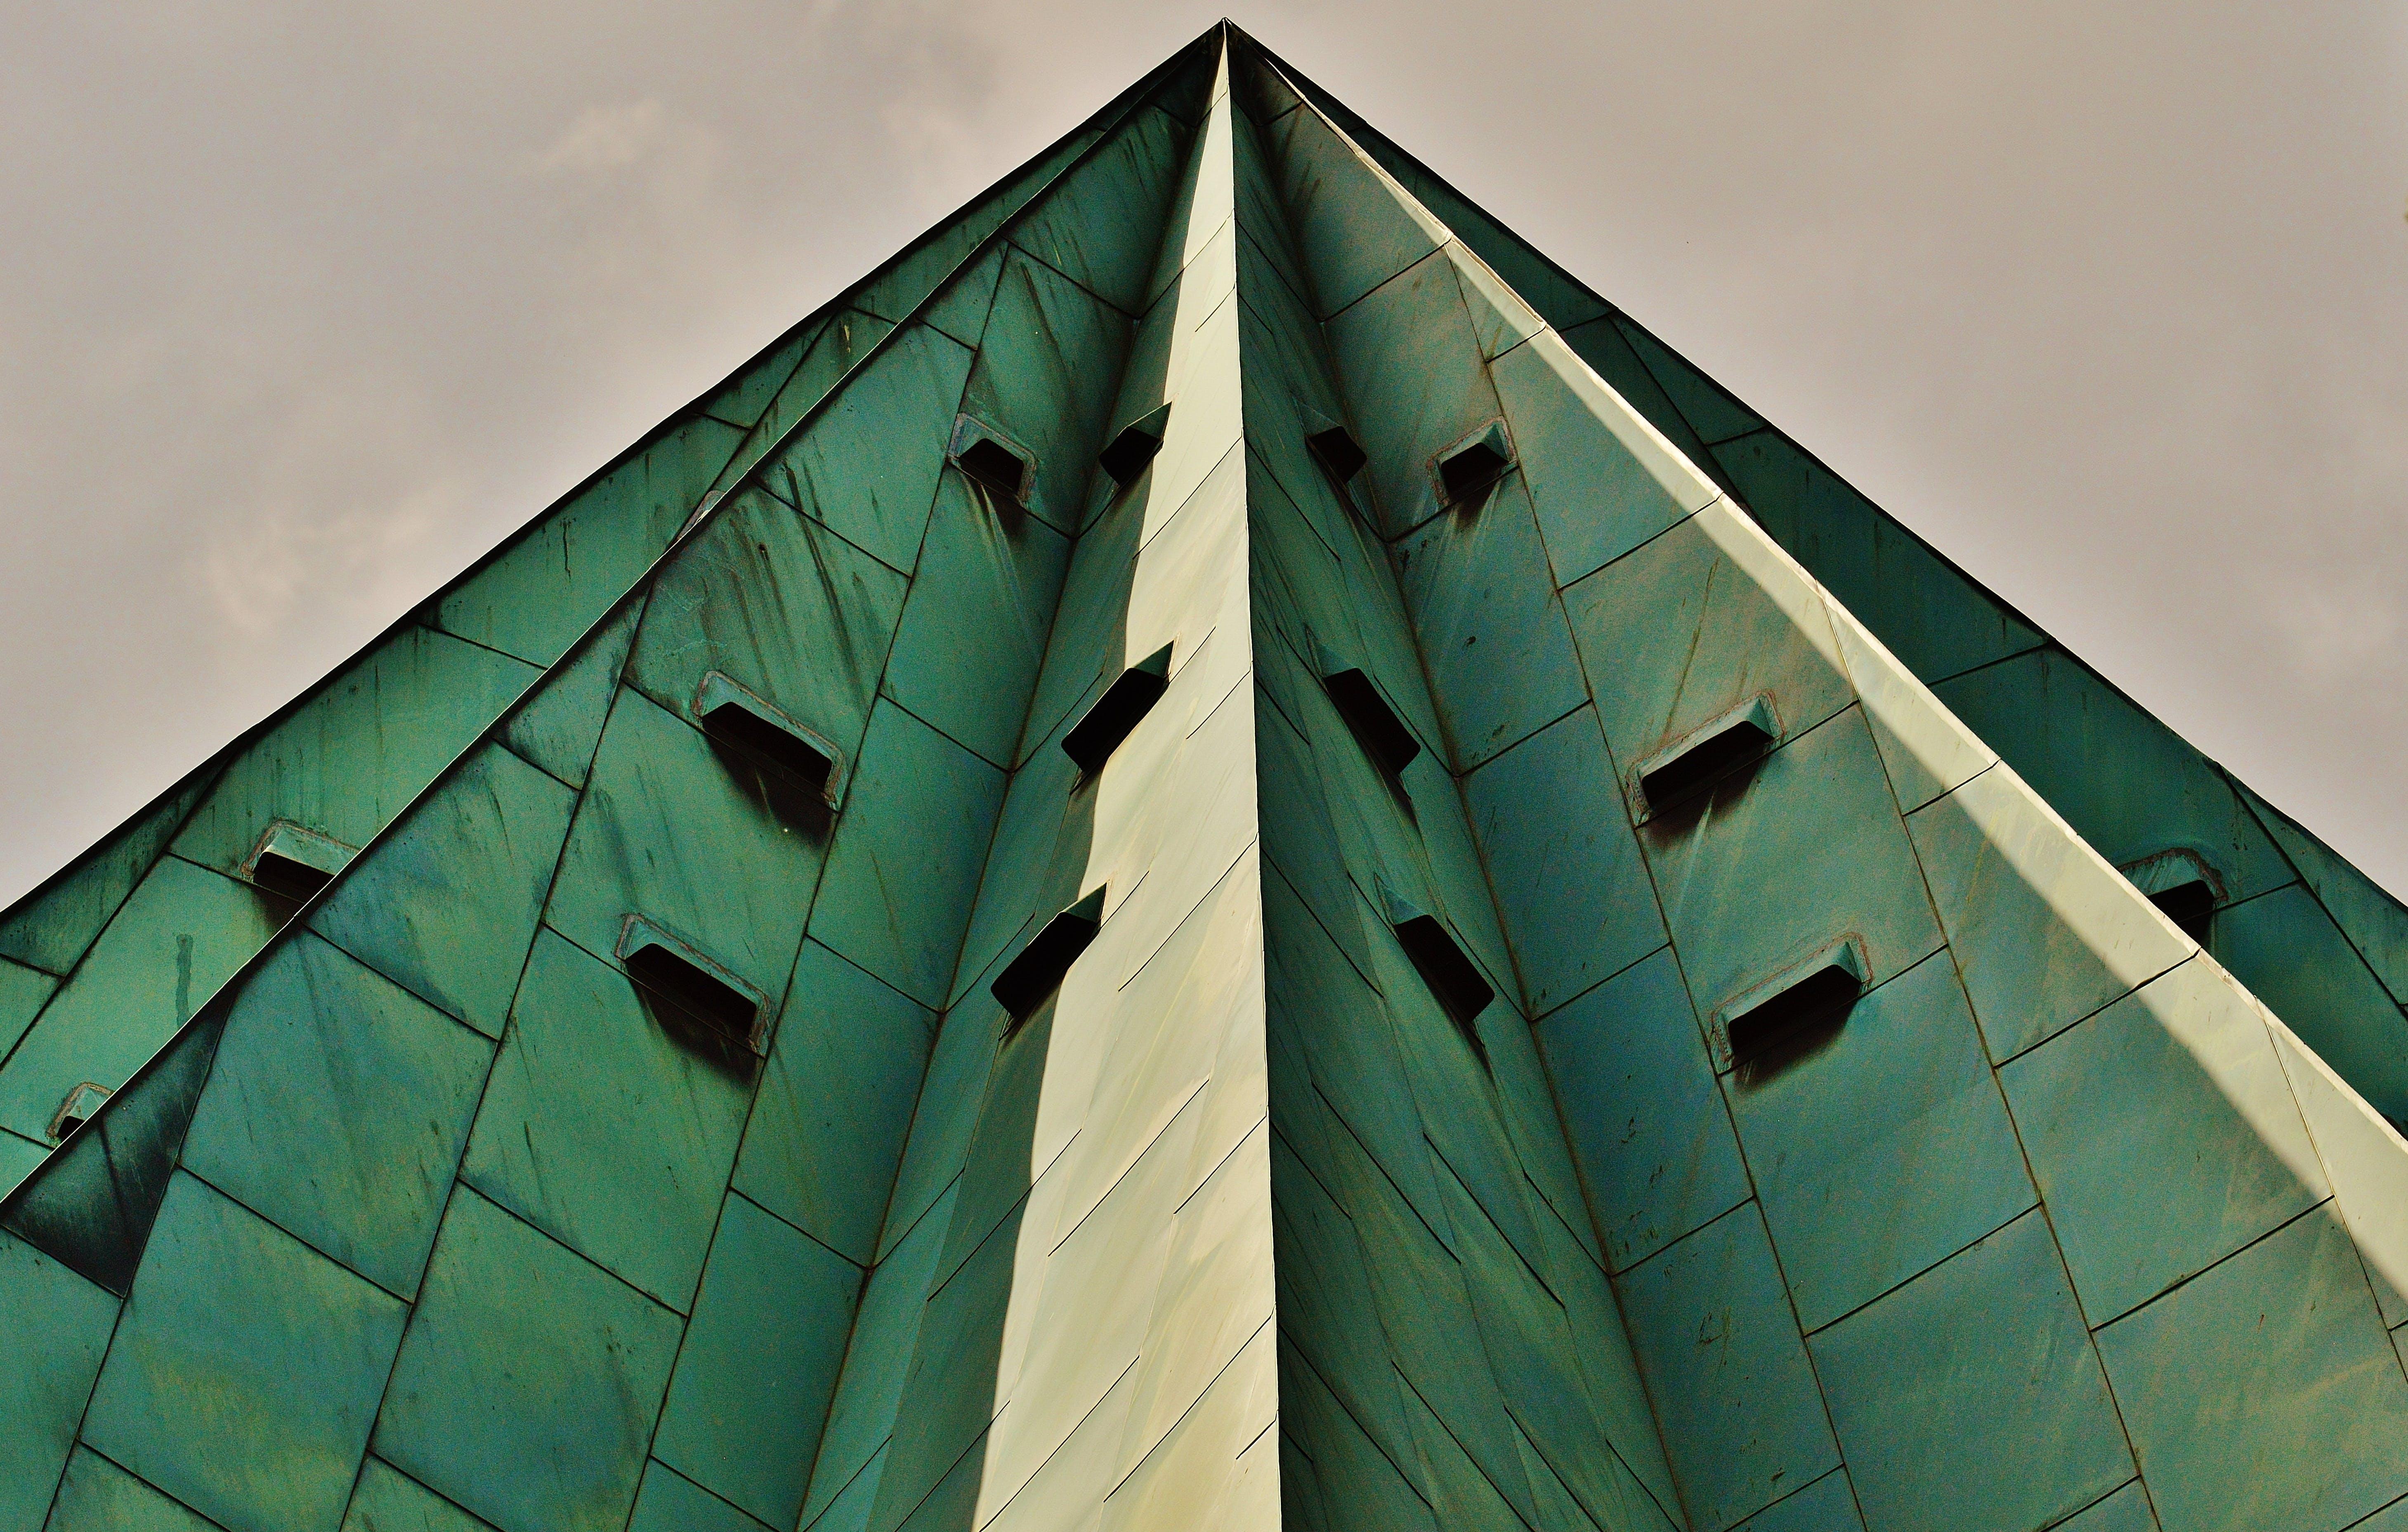 Kostenloses Stock Foto zu architektur, aufnahme von unten, gebäude, hochhaus